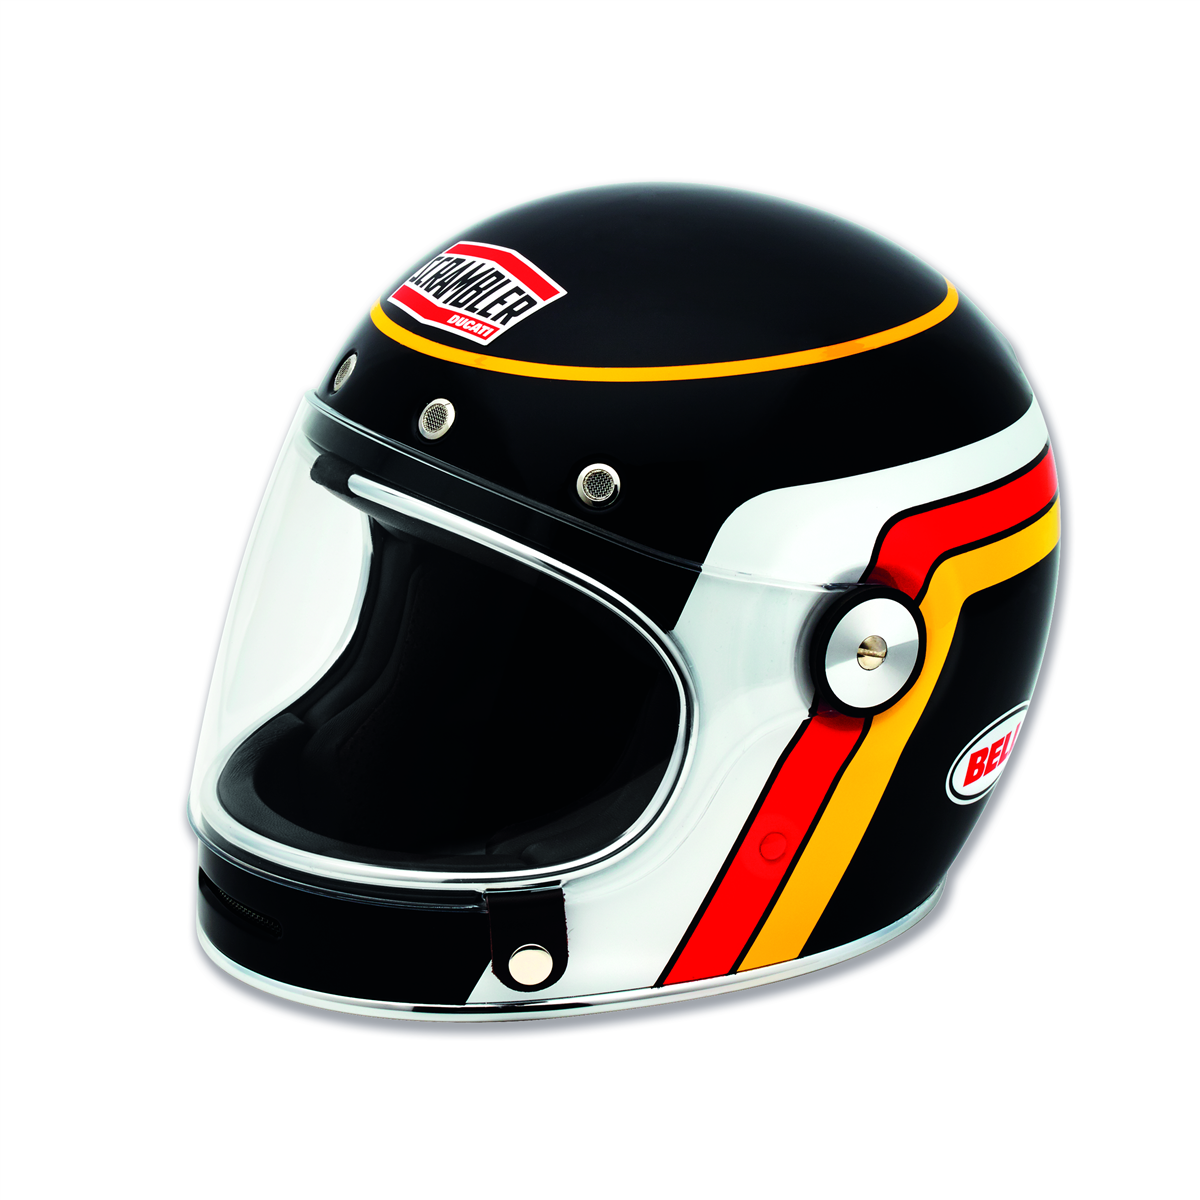 Black Track - Full-face helmet 981033302